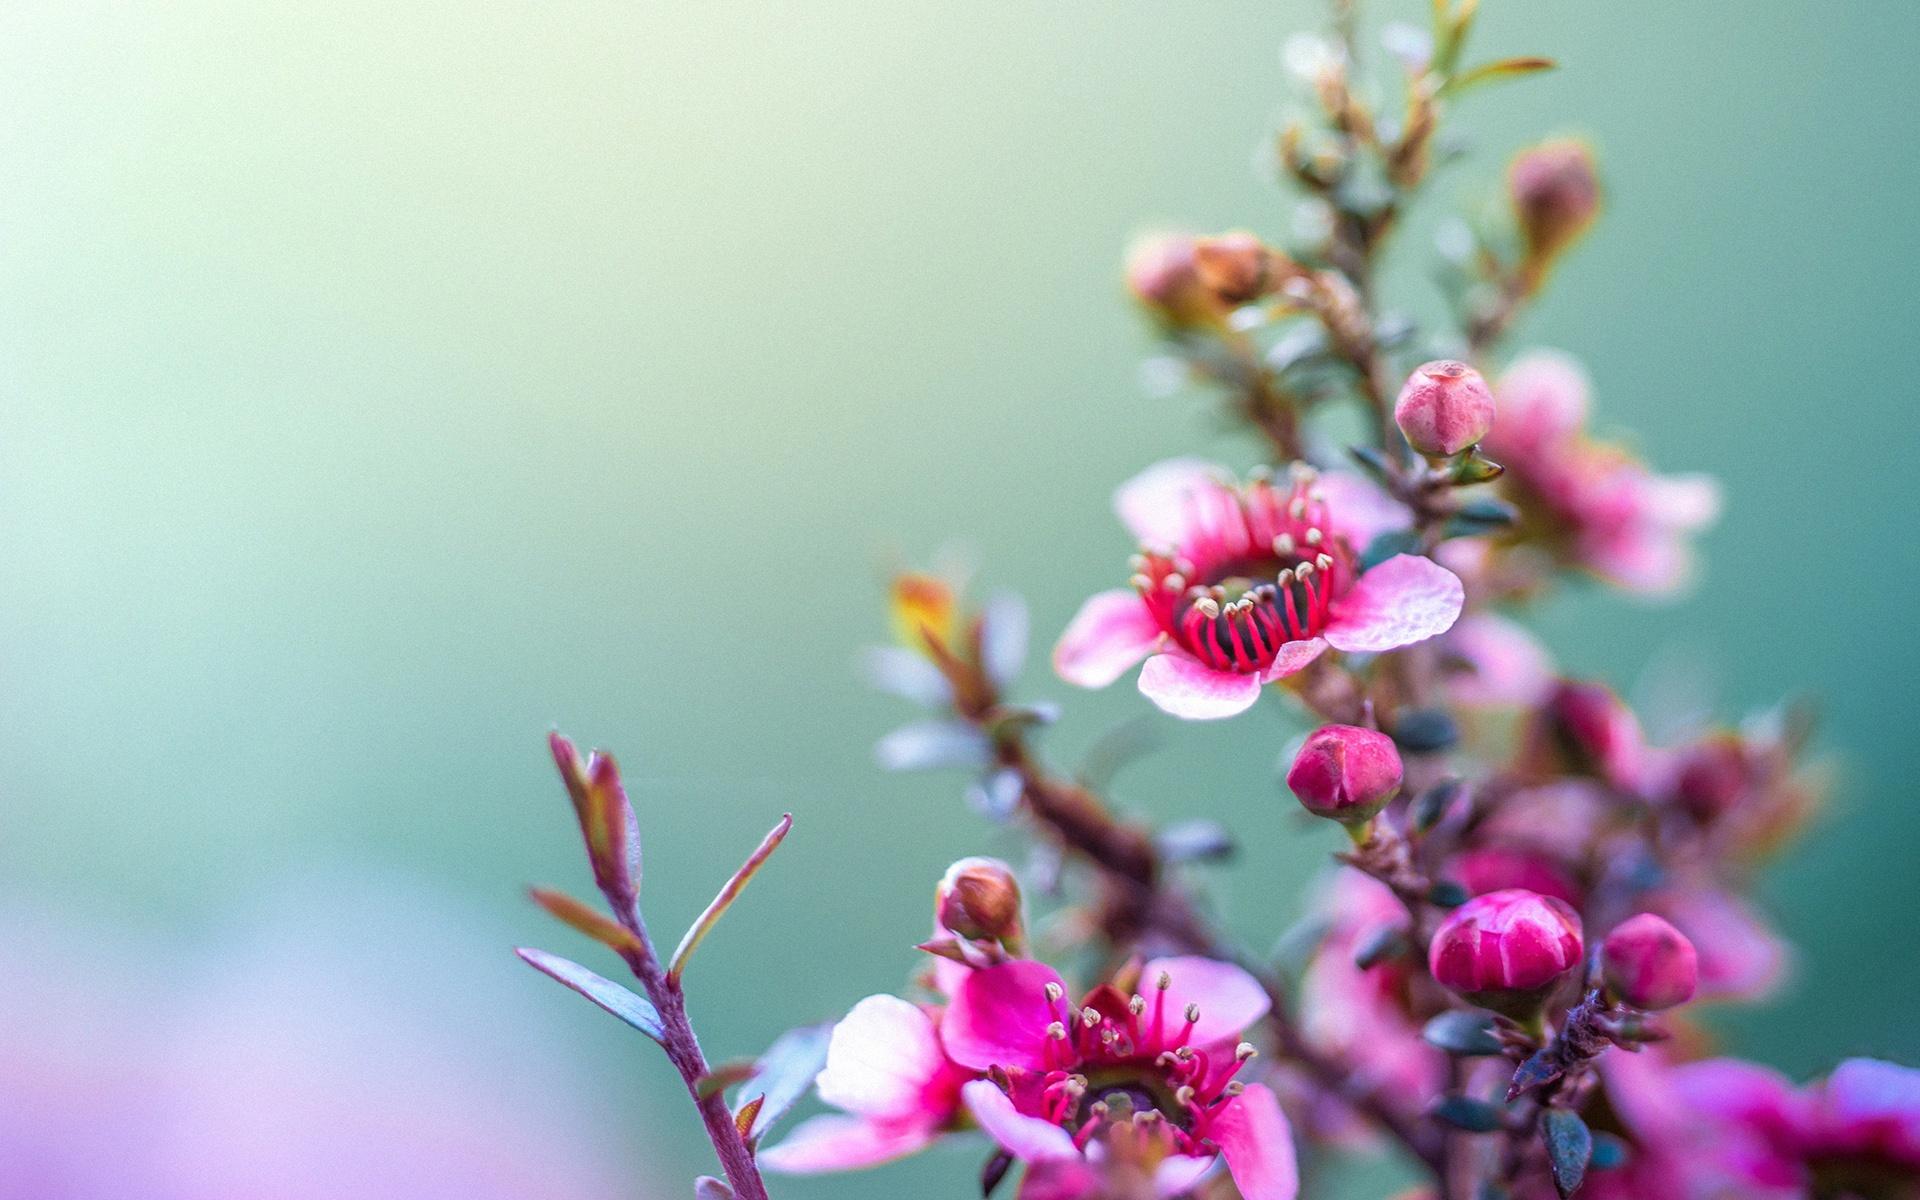 Flores Bonitas Para Jardin Perfect Es Una Propuesta A Todos Para - Flores-bonitas-para-jardin